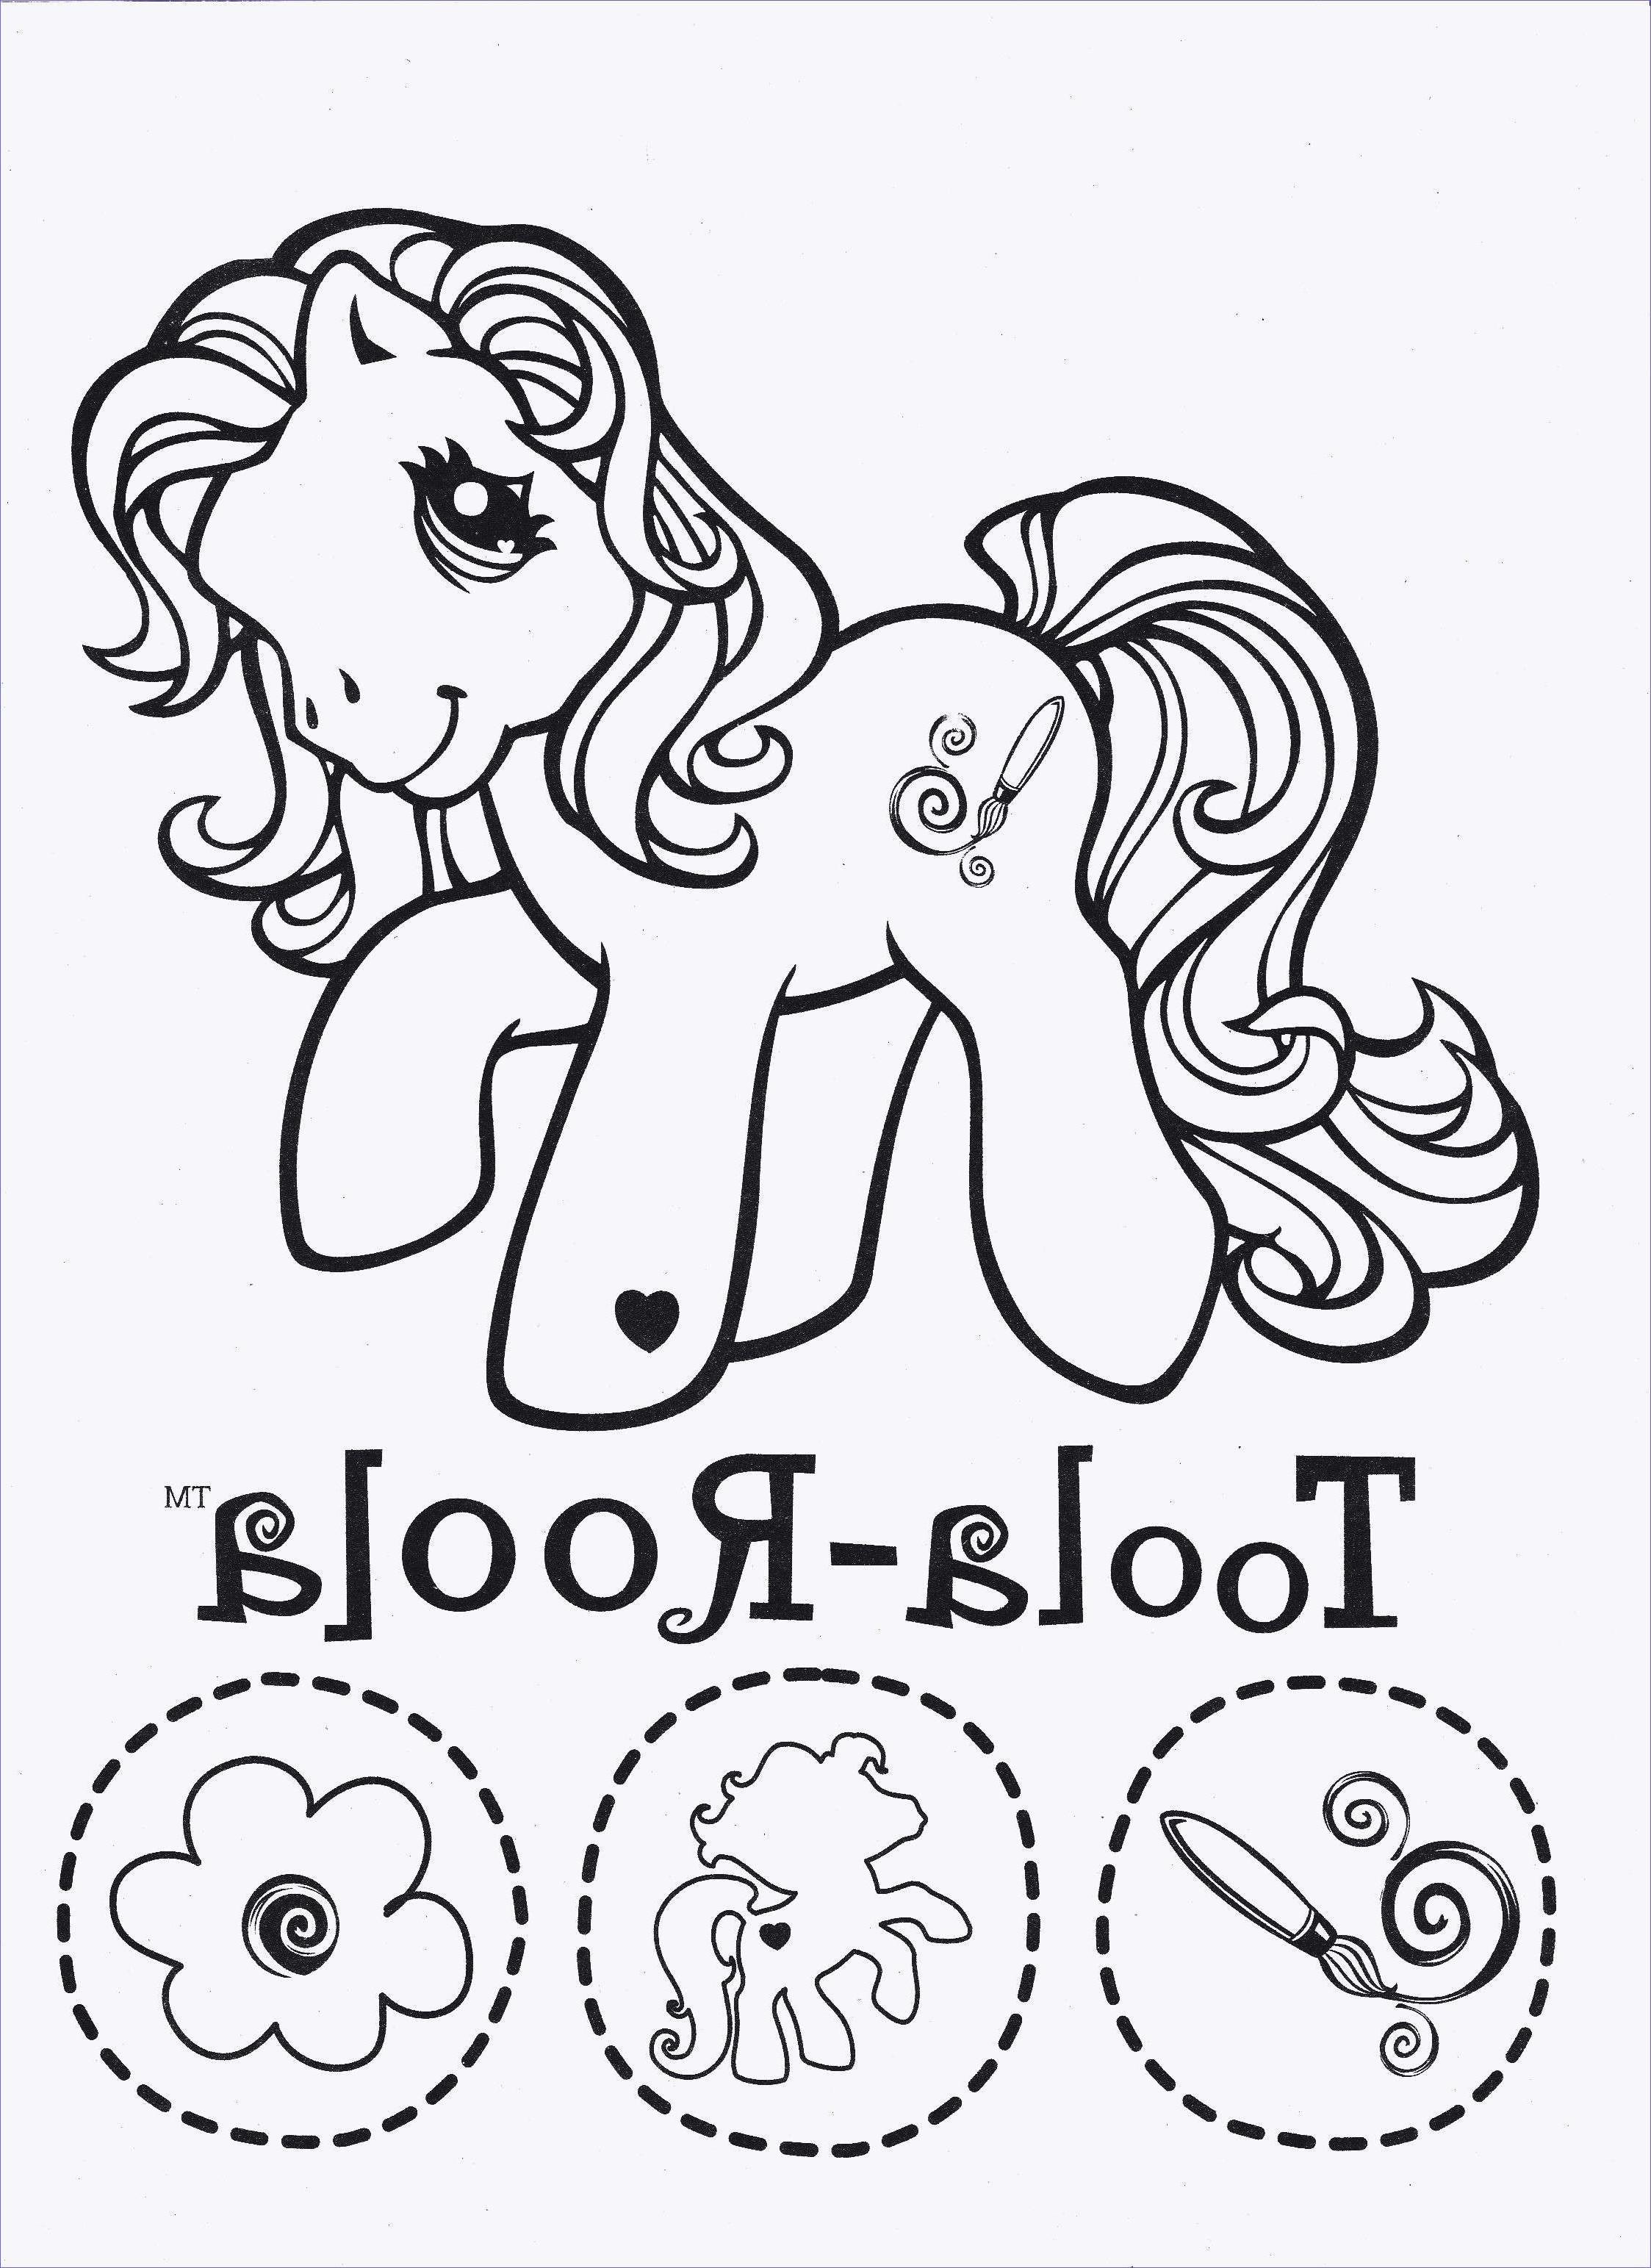 Ausmalbilder My Little Pony Equestria Neu 32 Fantastisch Ausmalbilder My Little Pony – Malvorlagen Ideen Sammlung